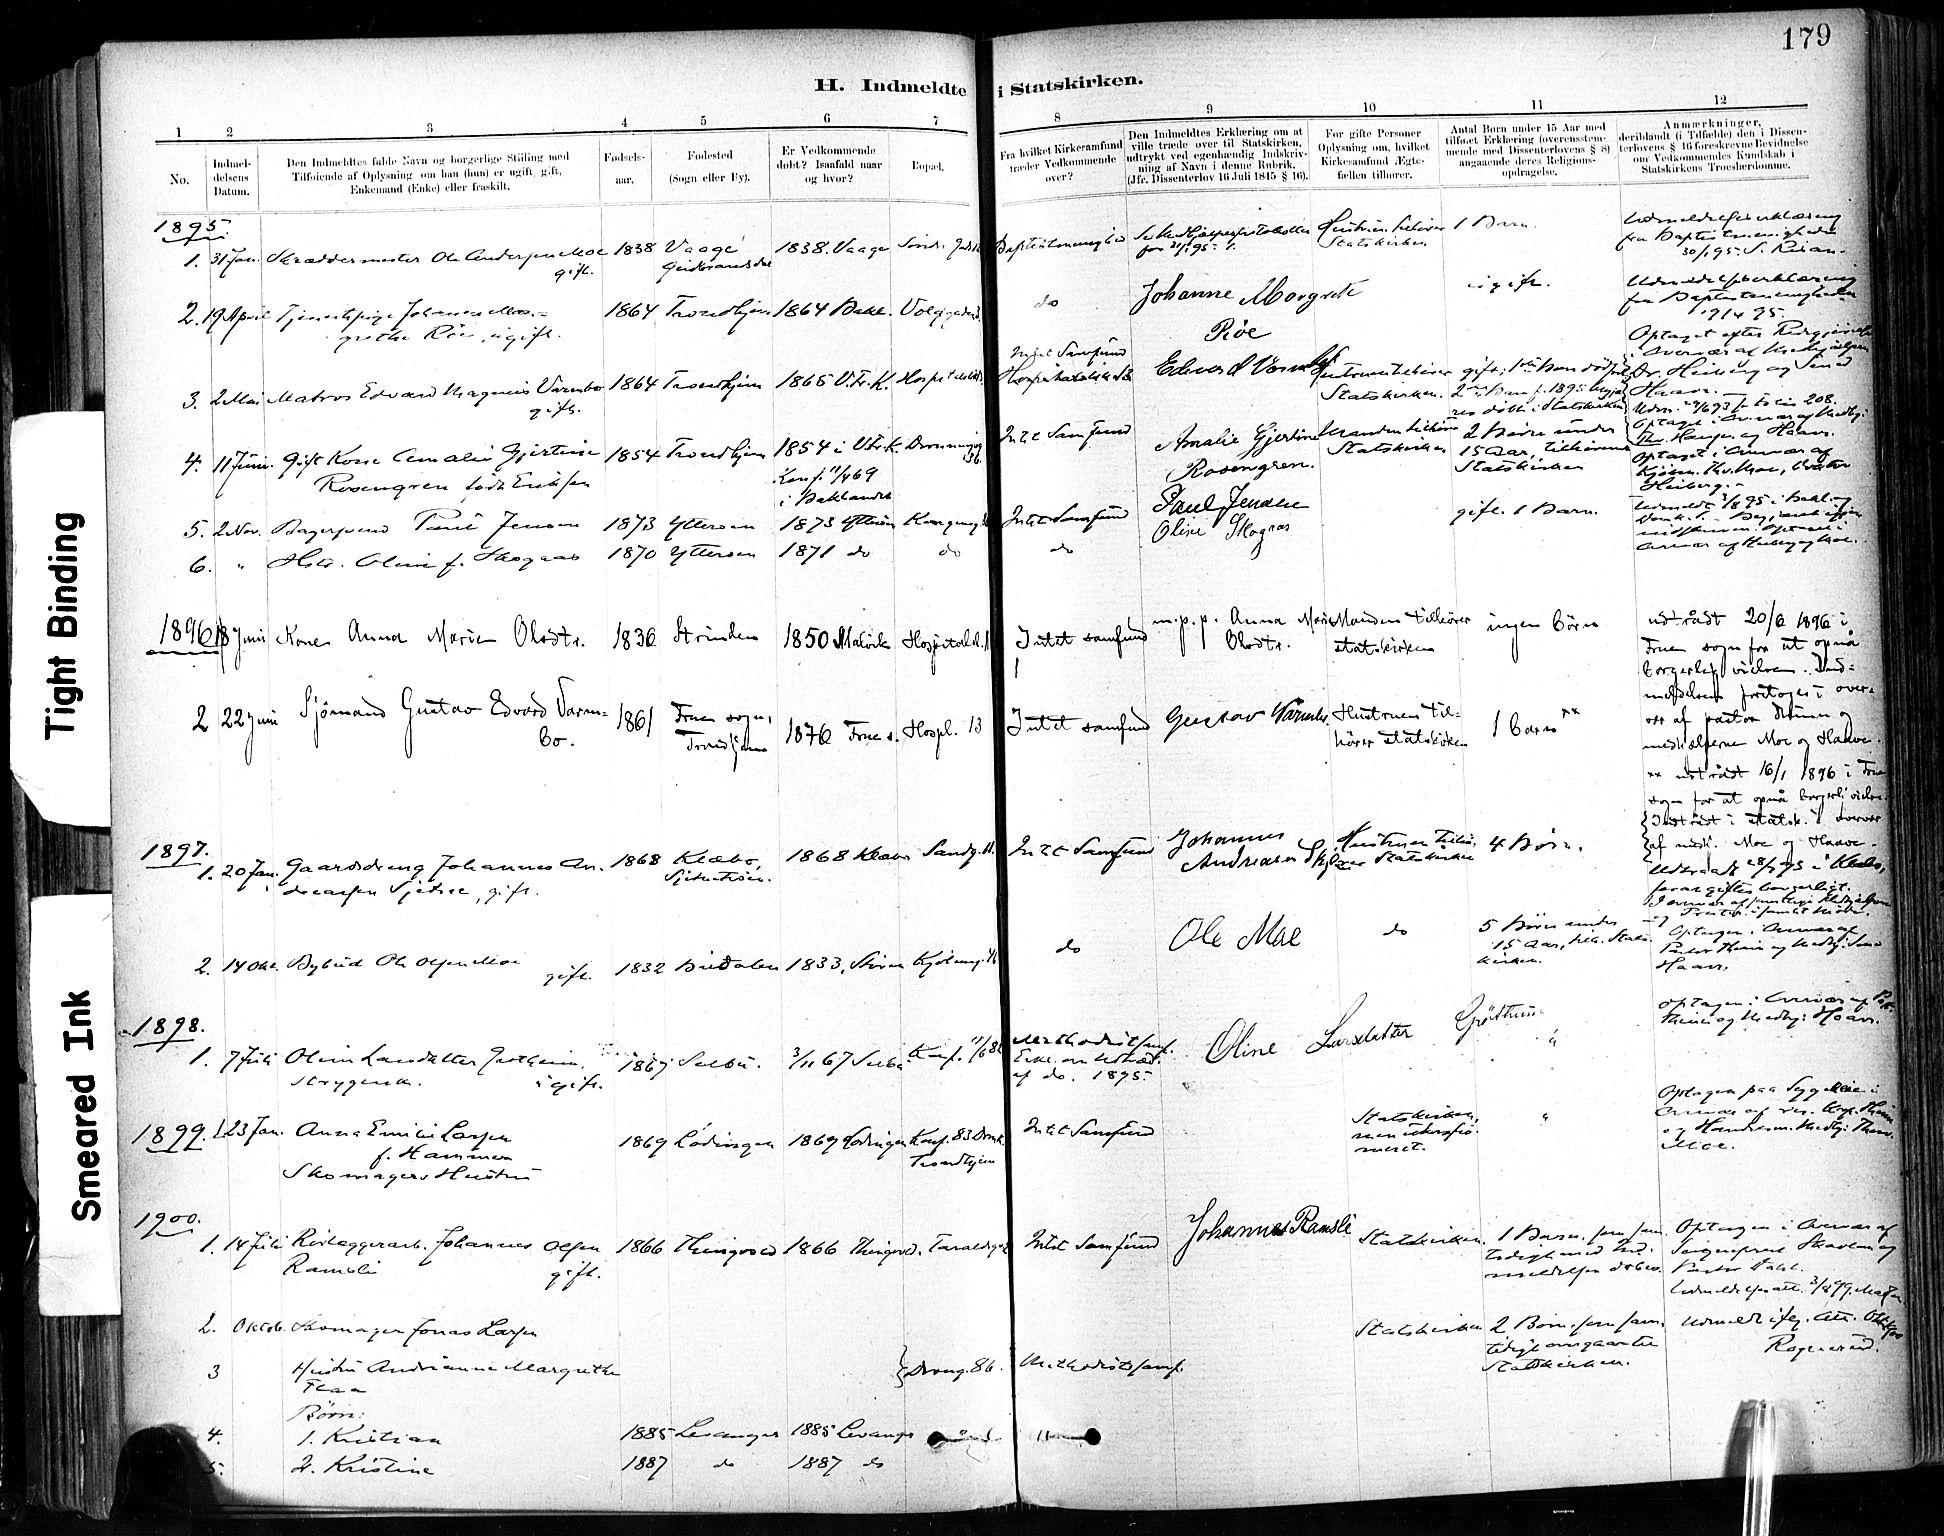 SAT, Ministerialprotokoller, klokkerbøker og fødselsregistre - Sør-Trøndelag, 602/L0120: Ministerialbok nr. 602A18, 1880-1913, s. 179